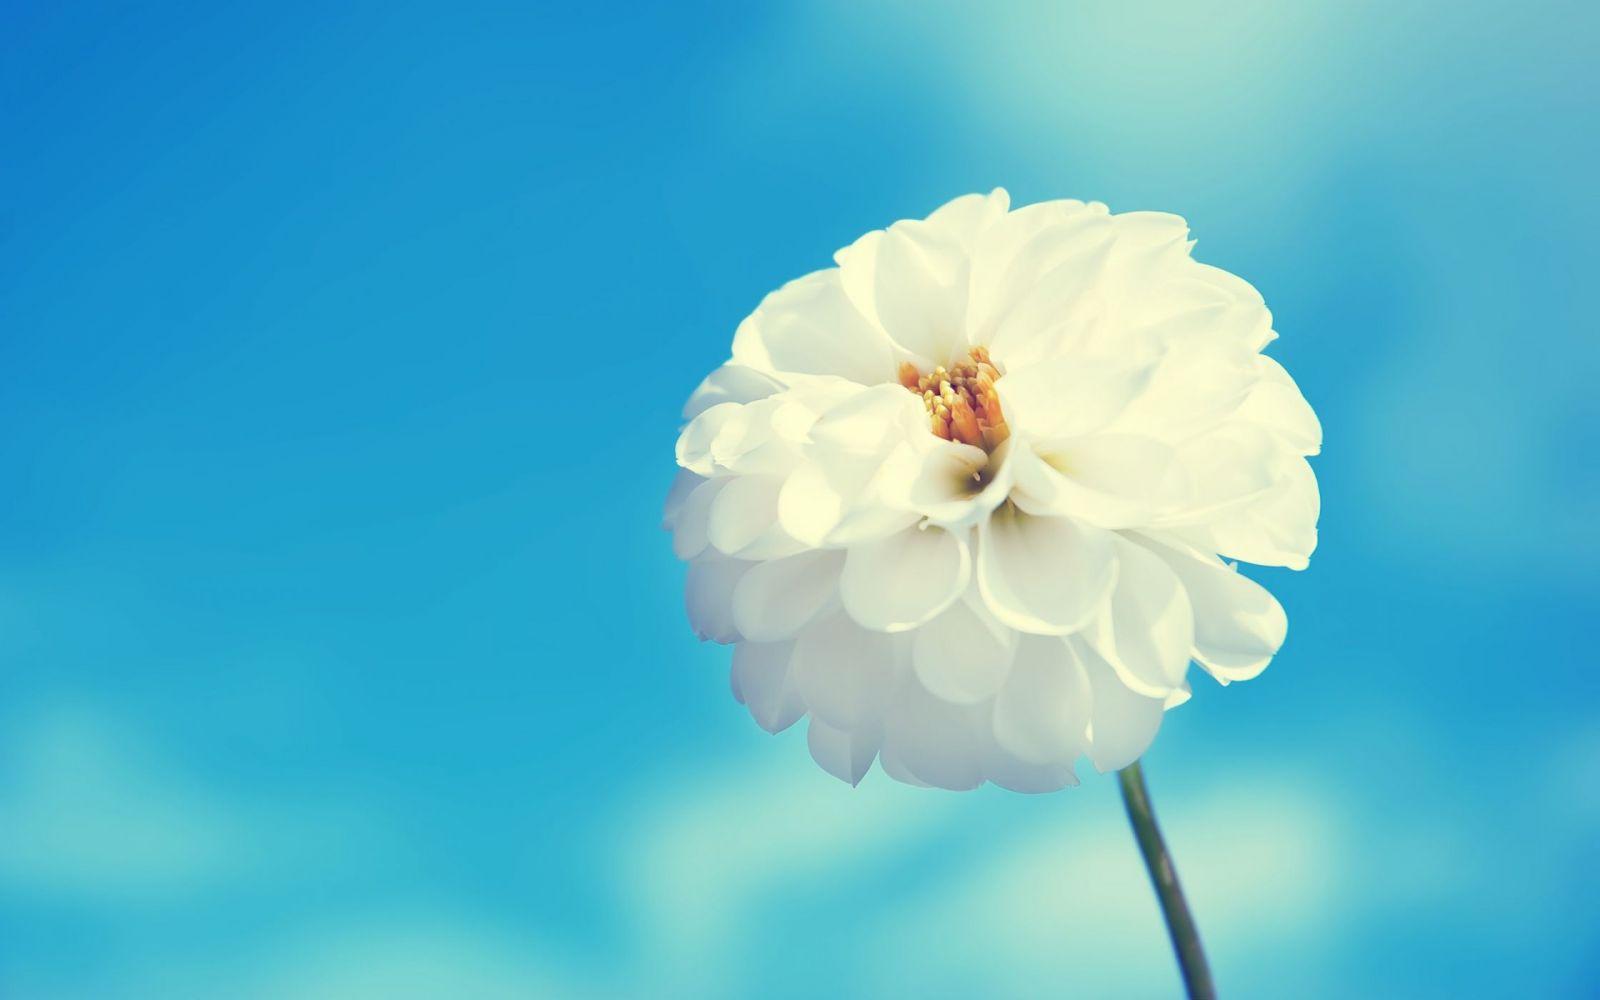 Hình nền màu xanh hoa trắng